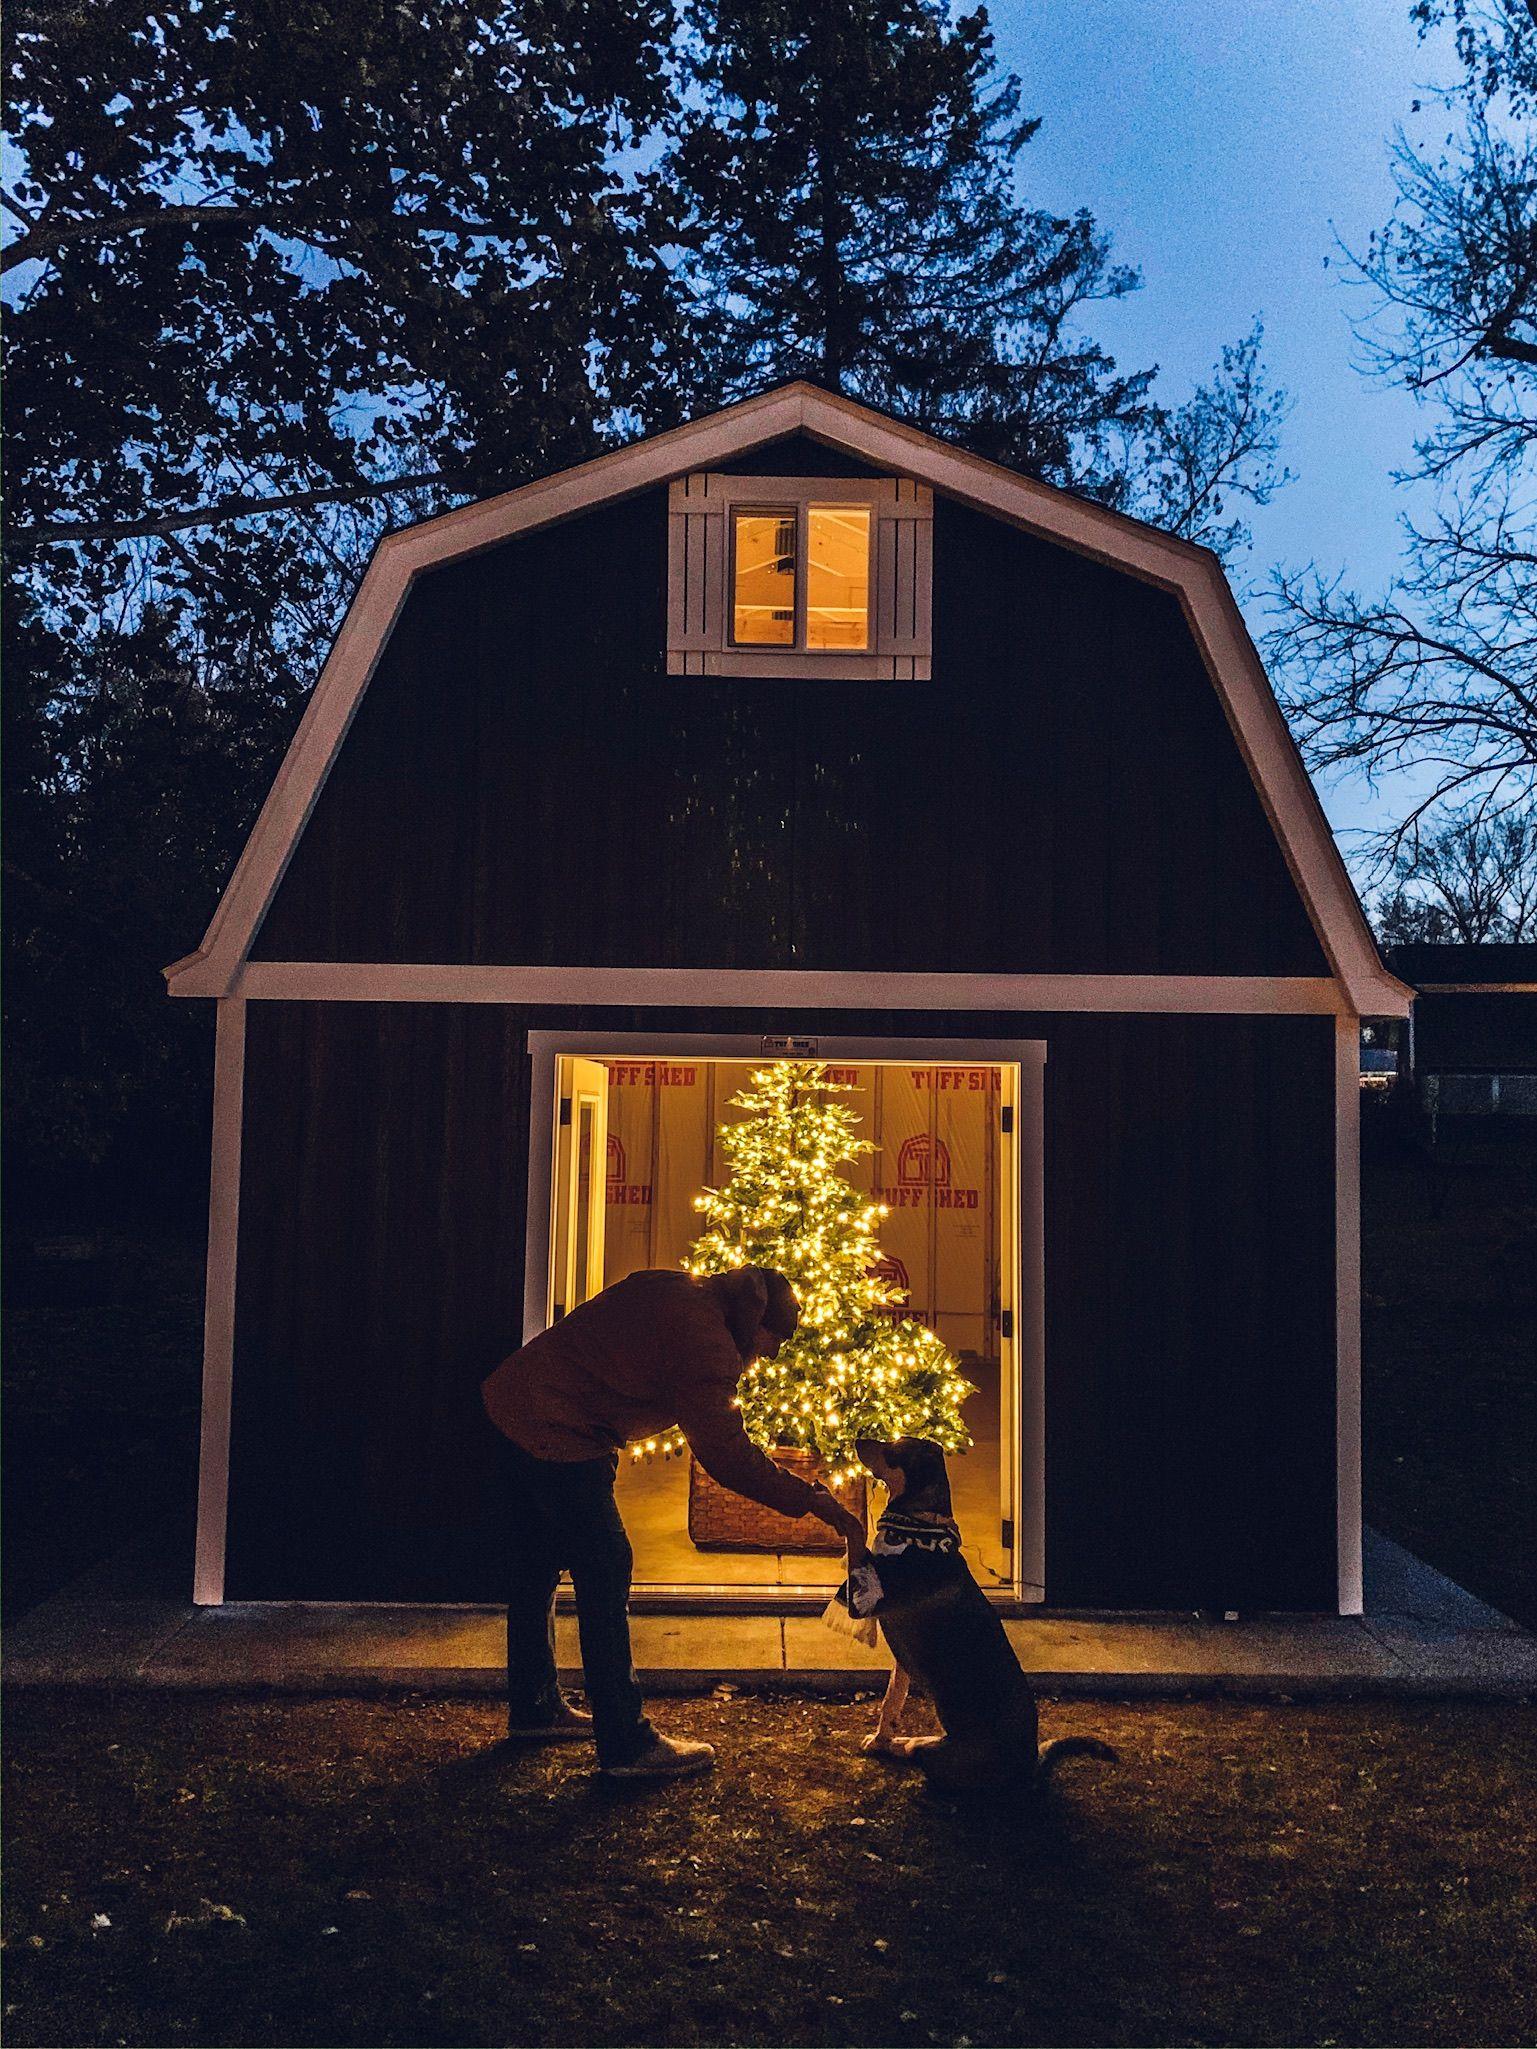 Antler Tree Koop Shed Deer Christmas Blessed